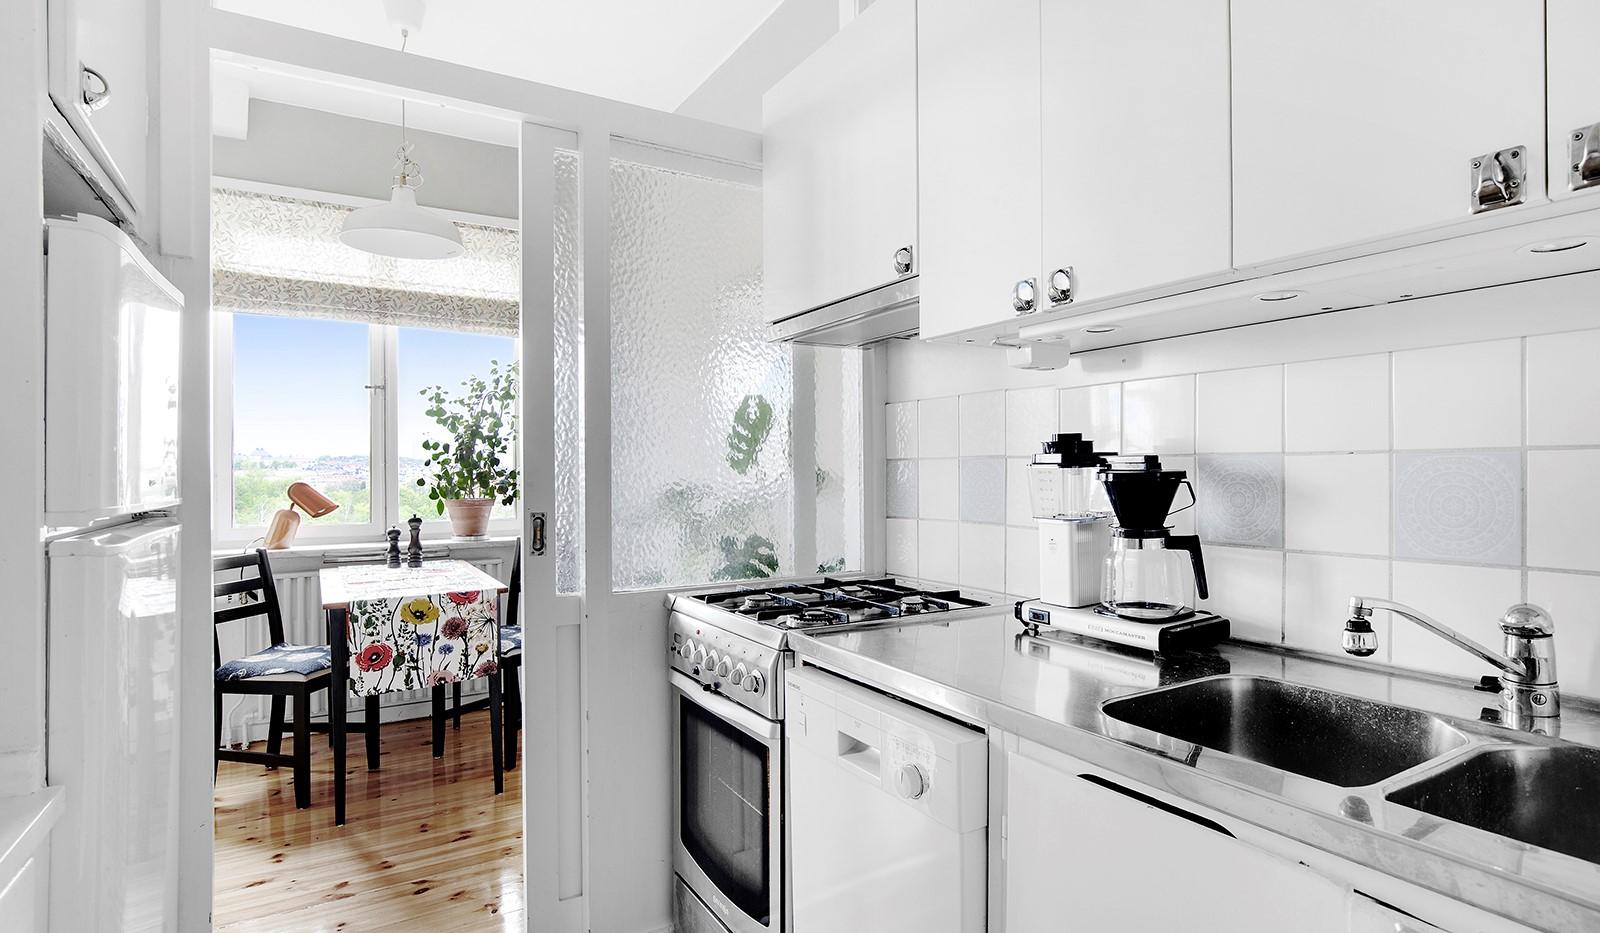 Heleneborgsgatan 20 - Vacker glasad skjutdörr skiljer kök och matplats.